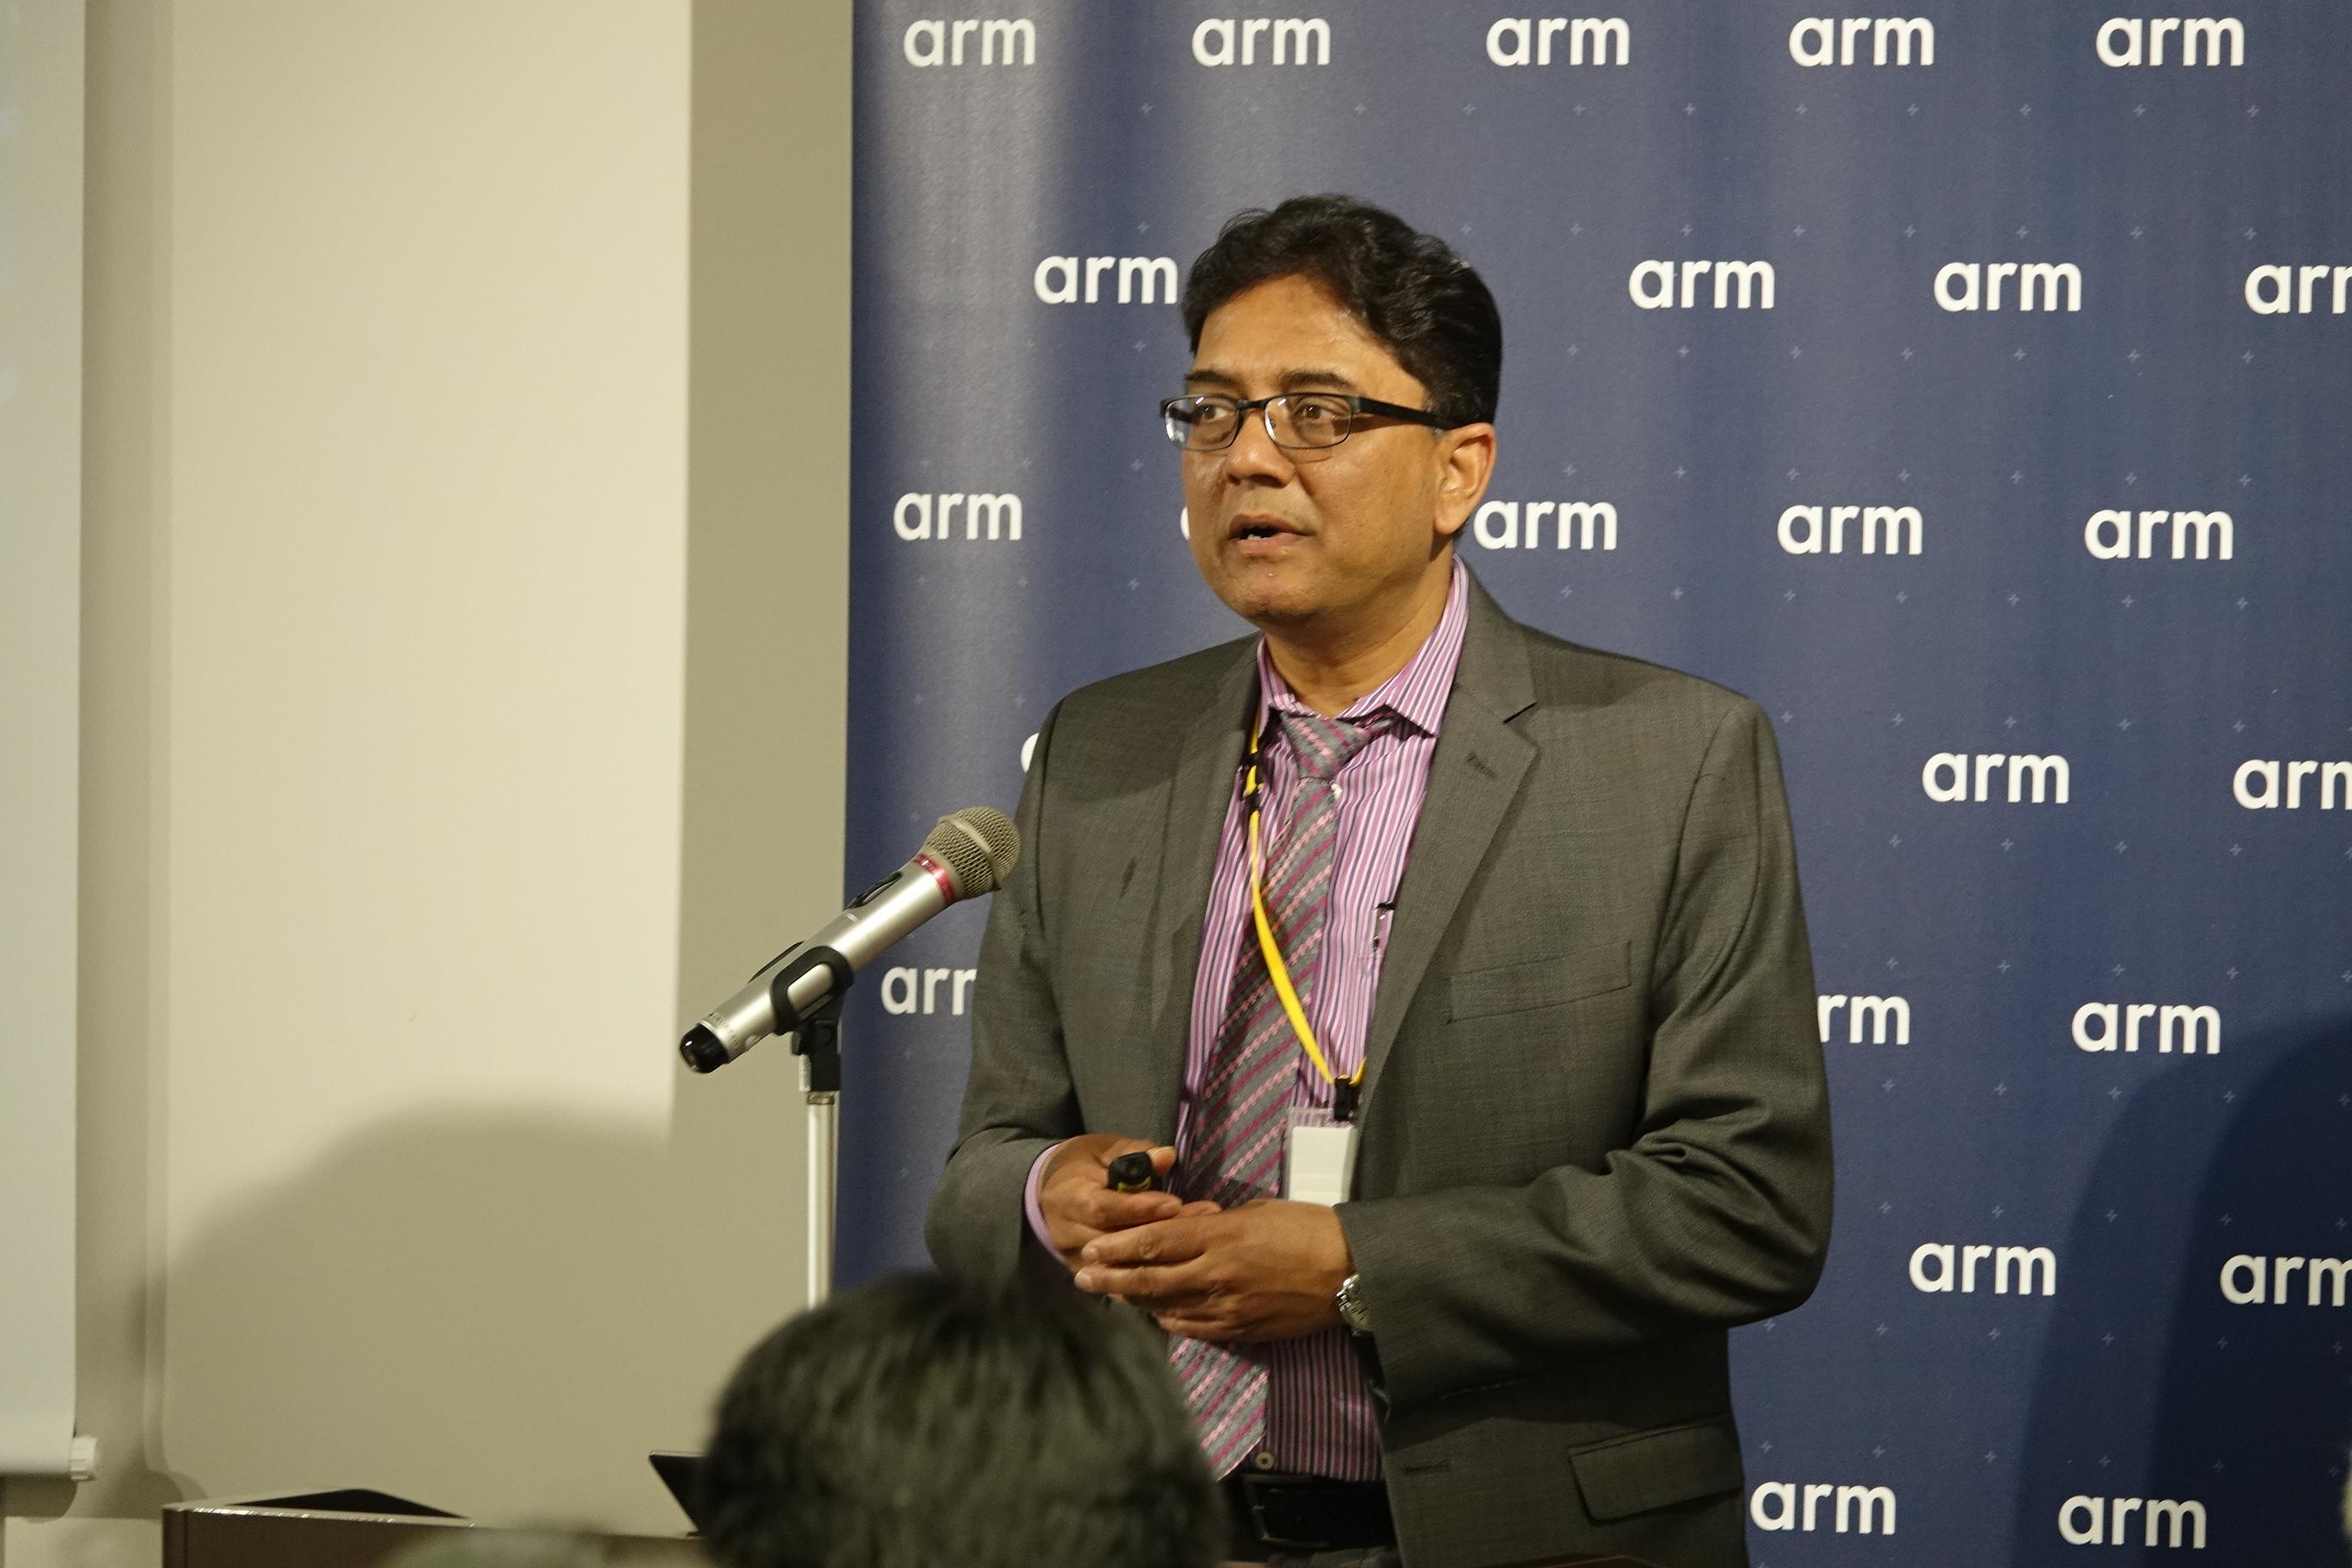 IoTサービスグループプレジデント ディペッシュ・パテル氏(Dipesh Patel)